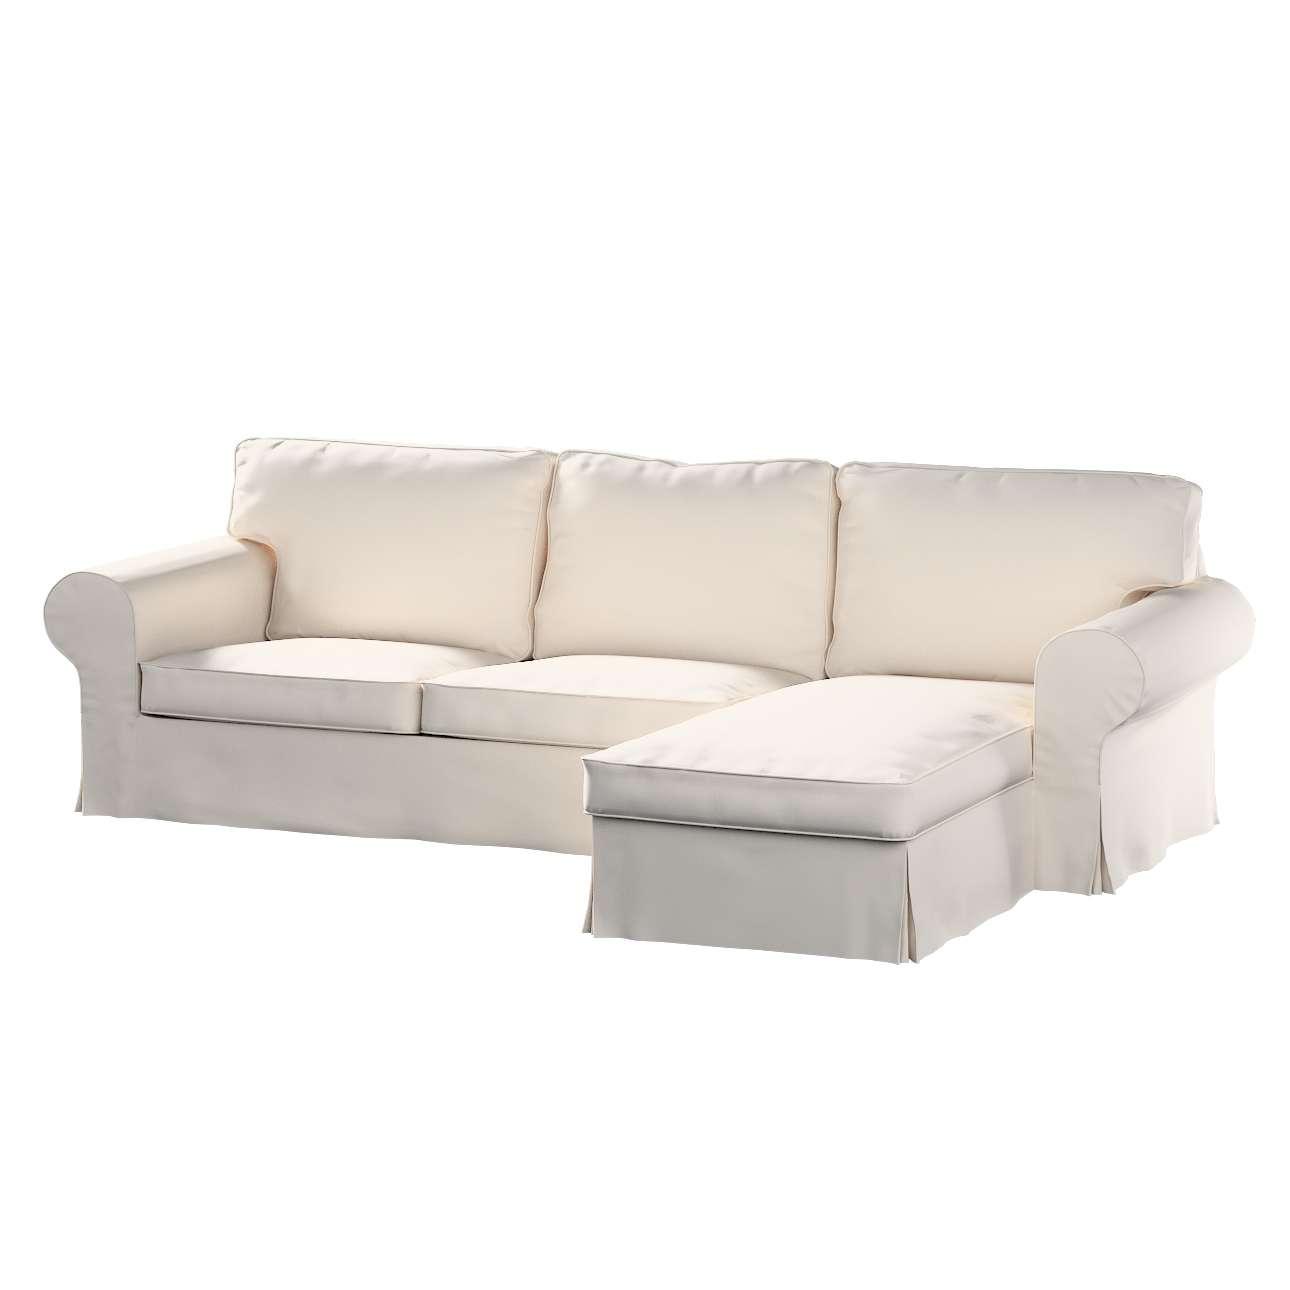 Pokrowiec na sofę Ektorp 2-osobową i leżankę w kolekcji Etna , tkanina: 705-01